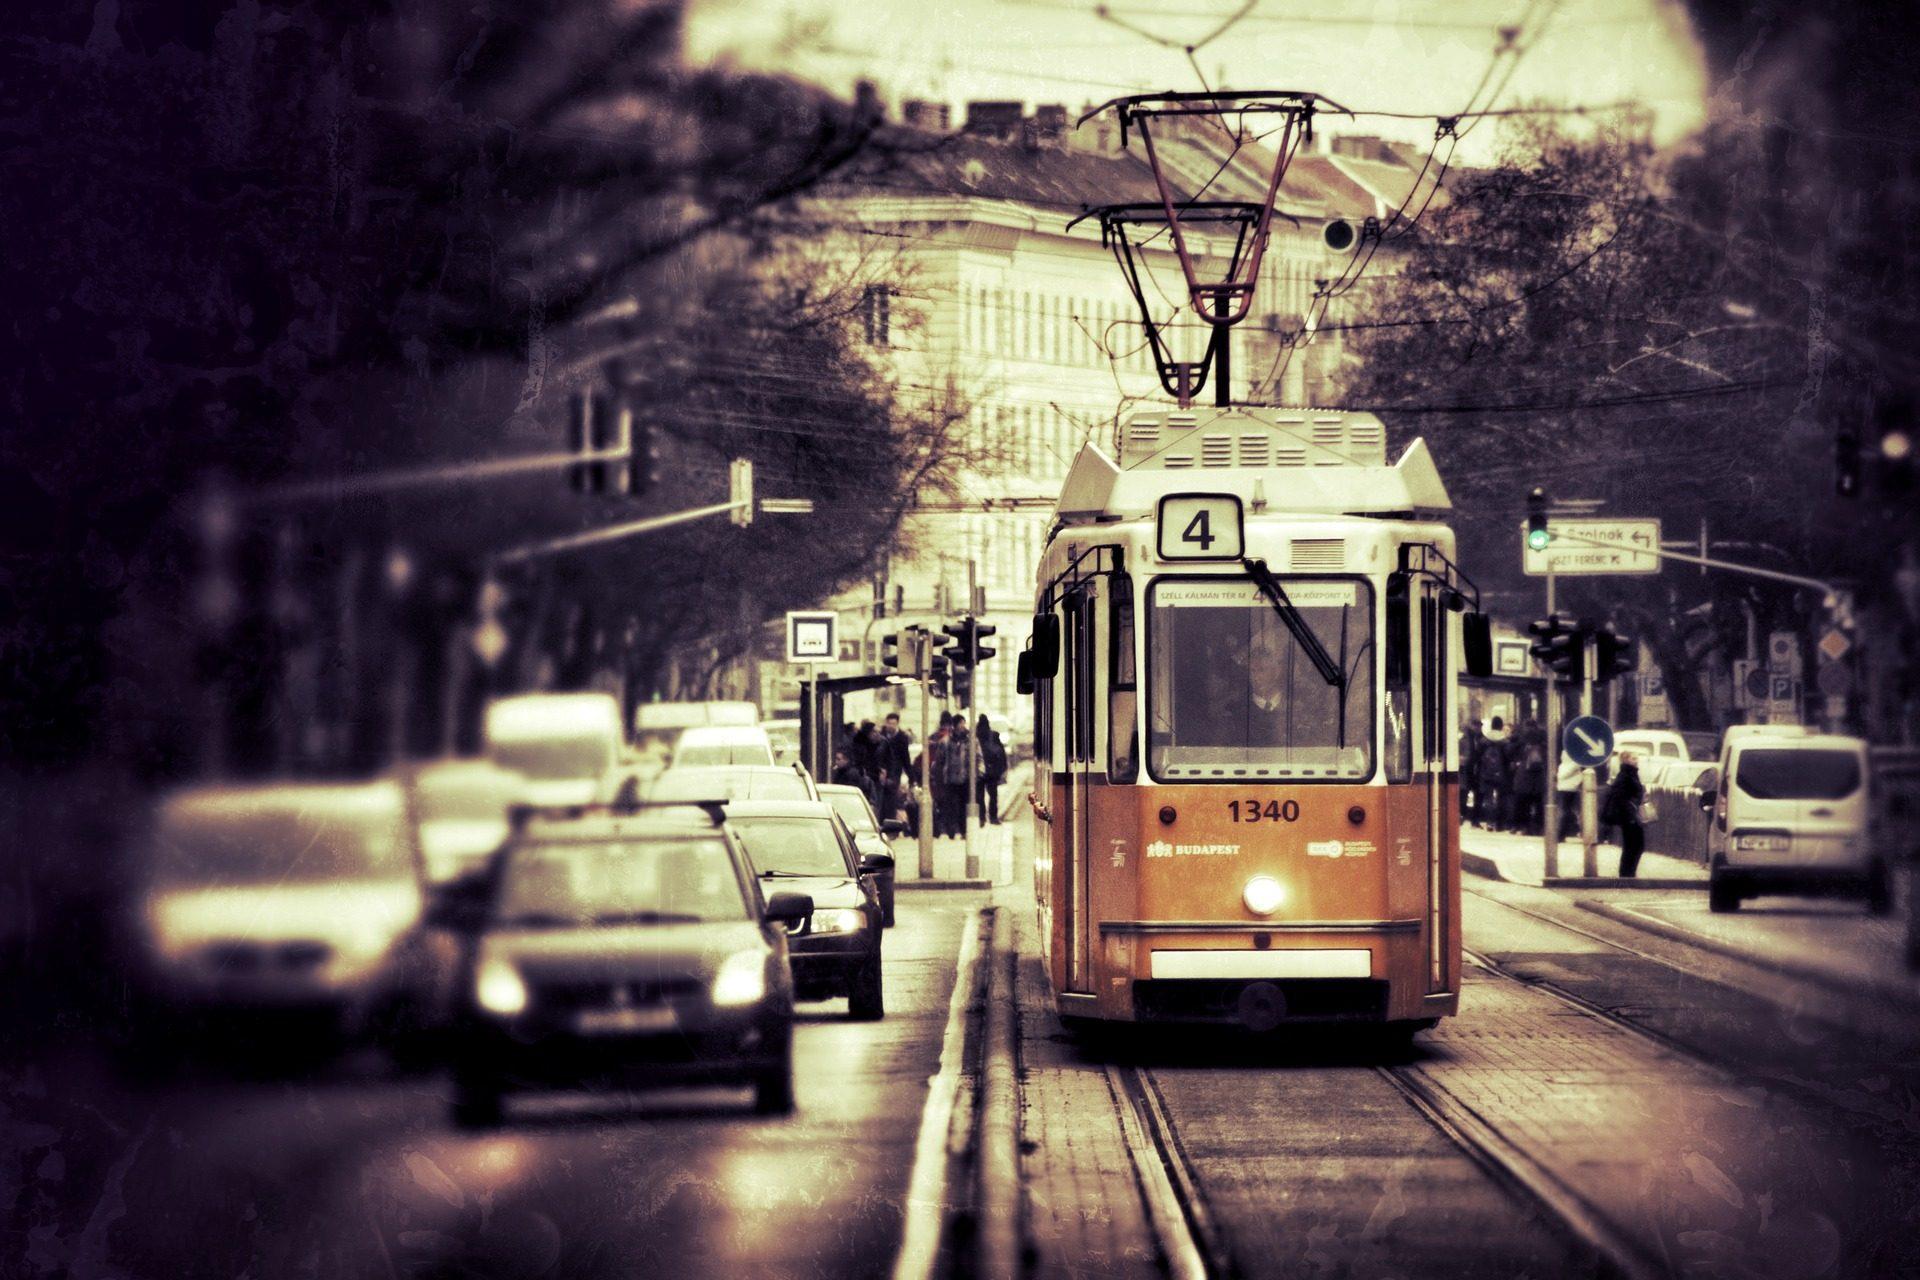 शहर, यातायात, ट्राम, ढेर, बुडापेस्ट - HD वॉलपेपर - प्रोफेसर-falken.com